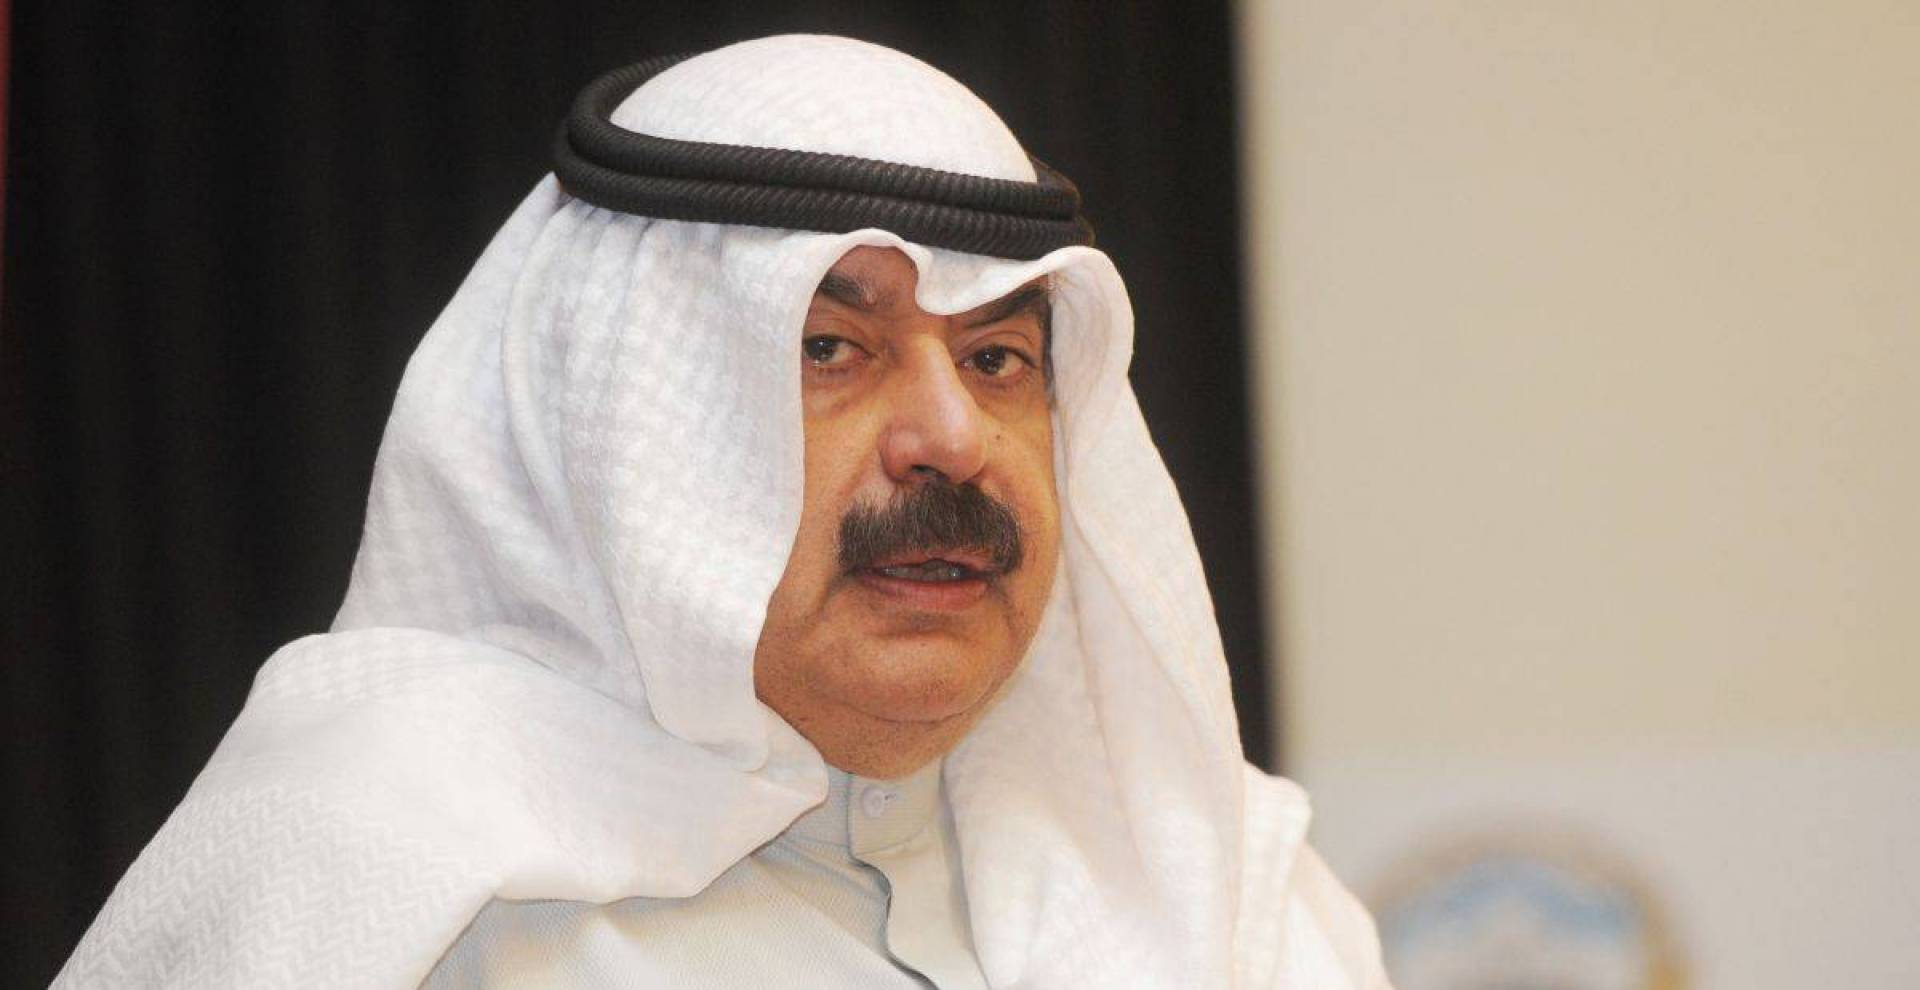 الجارالله: مؤشرات إيجابية لطيّ الأزمة الخليجية